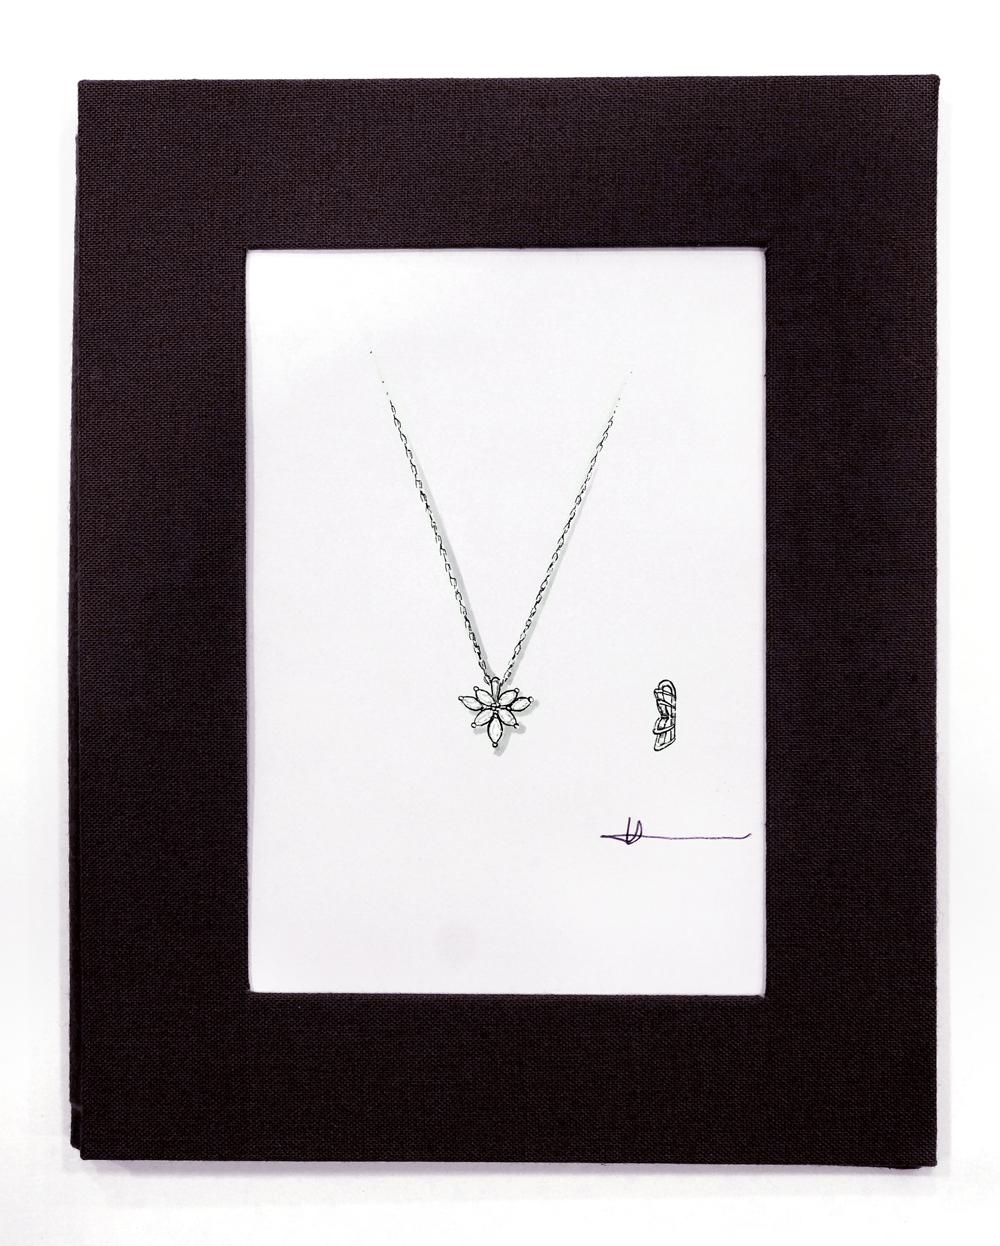 ジュエリーデザイナー岡田訓明が描いたダイヤモンドペンダントのデザイン画